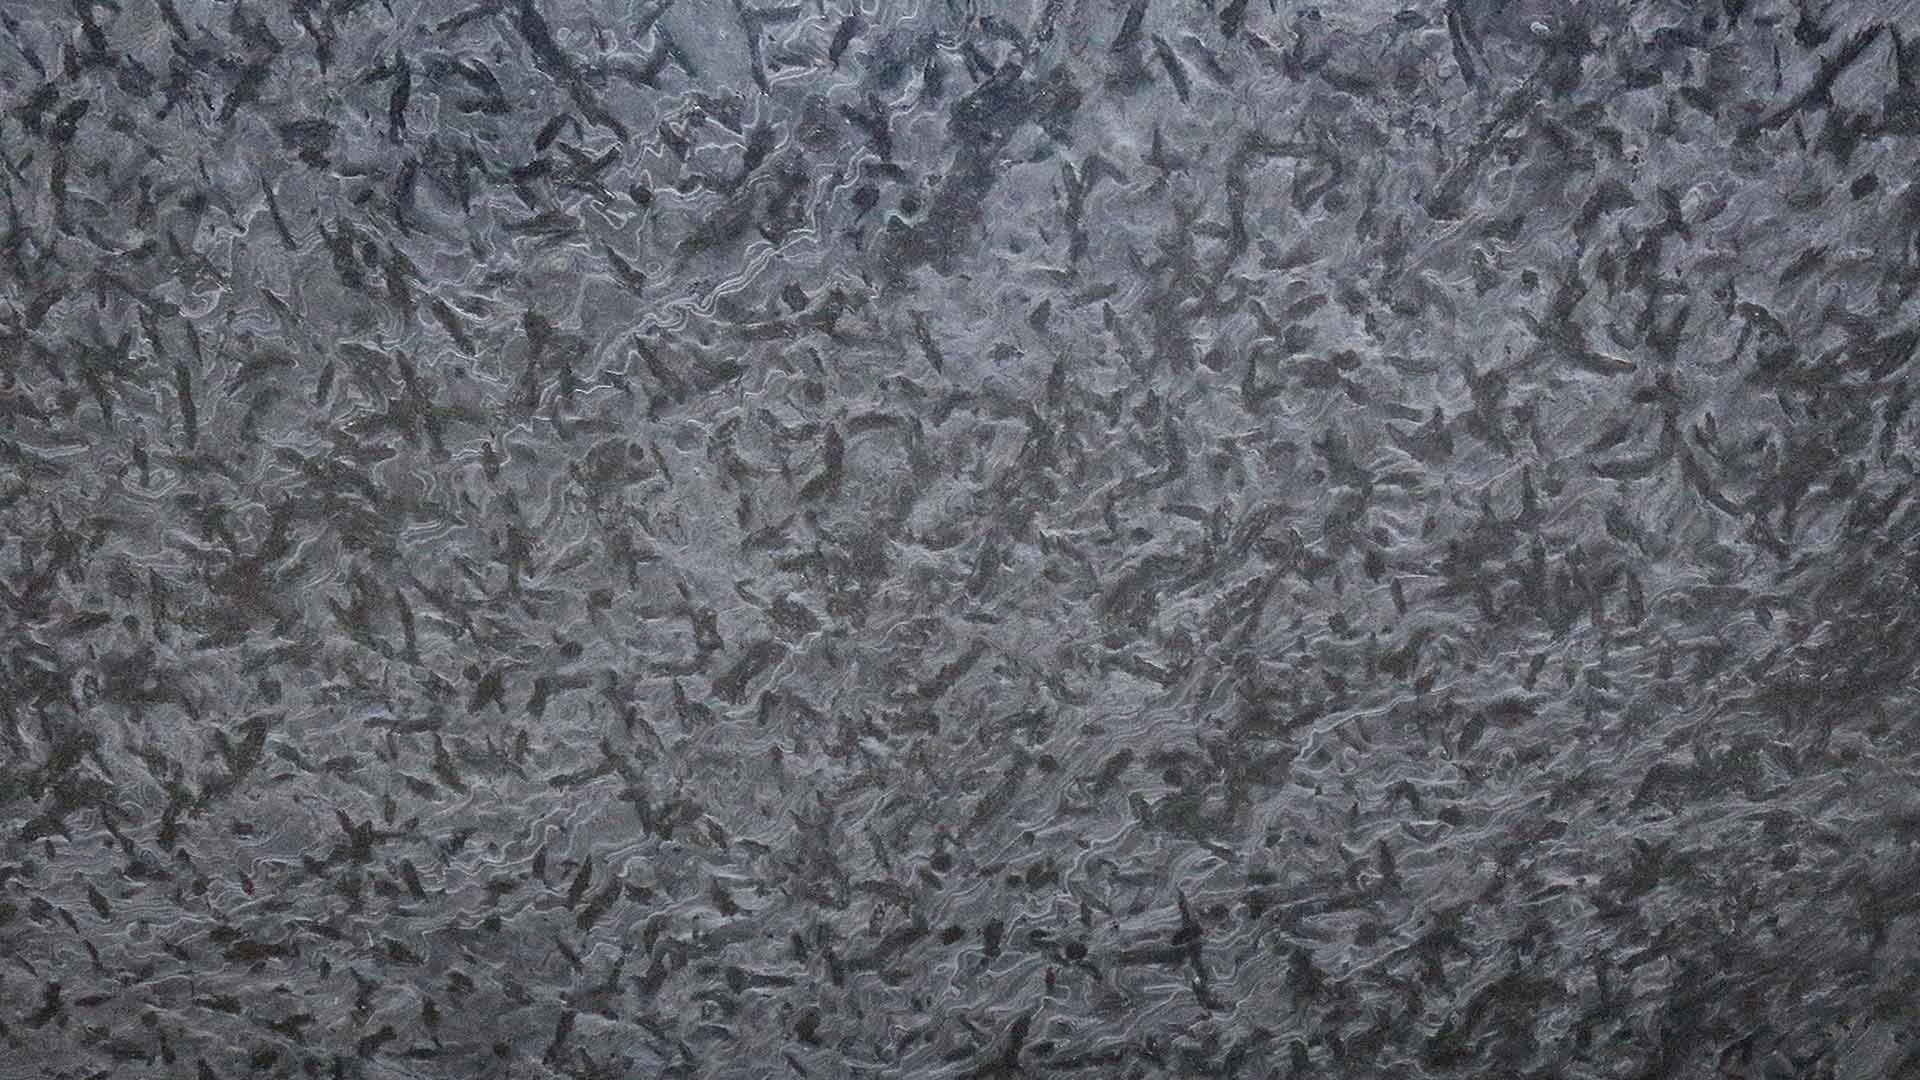 granite matrix close